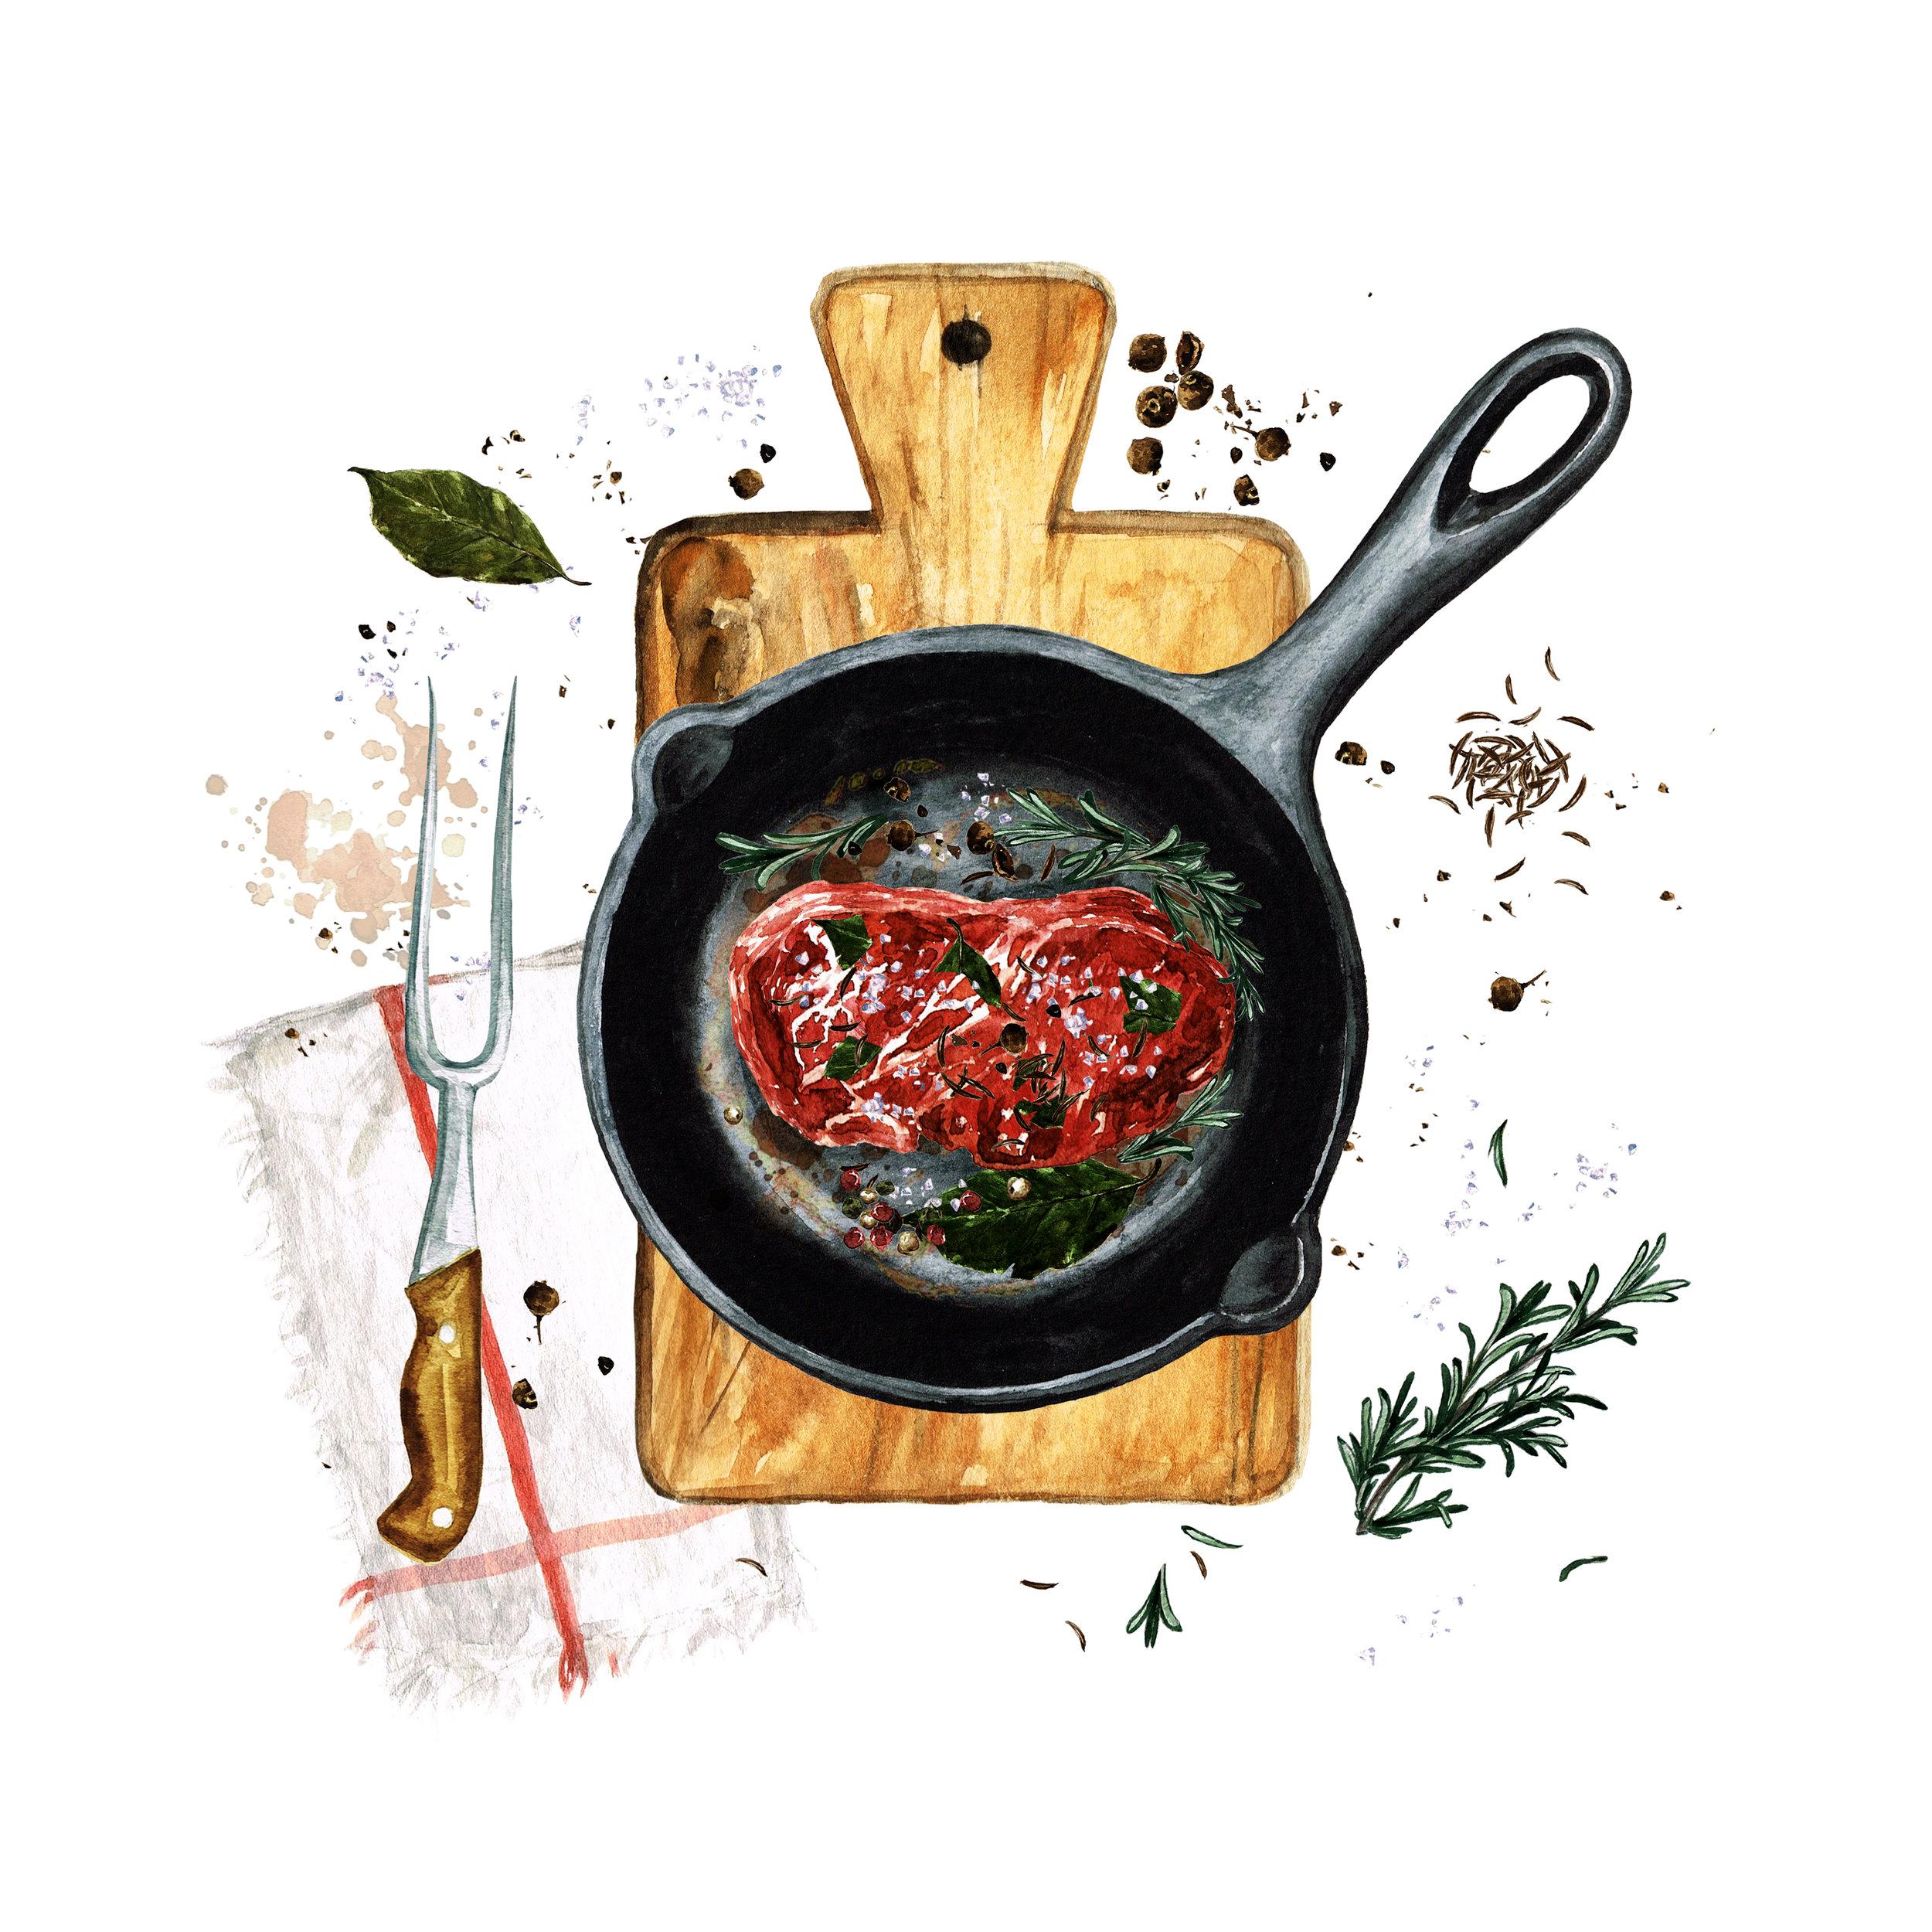 FOOD_MEAL_Pan_meat_3_080217.jpg